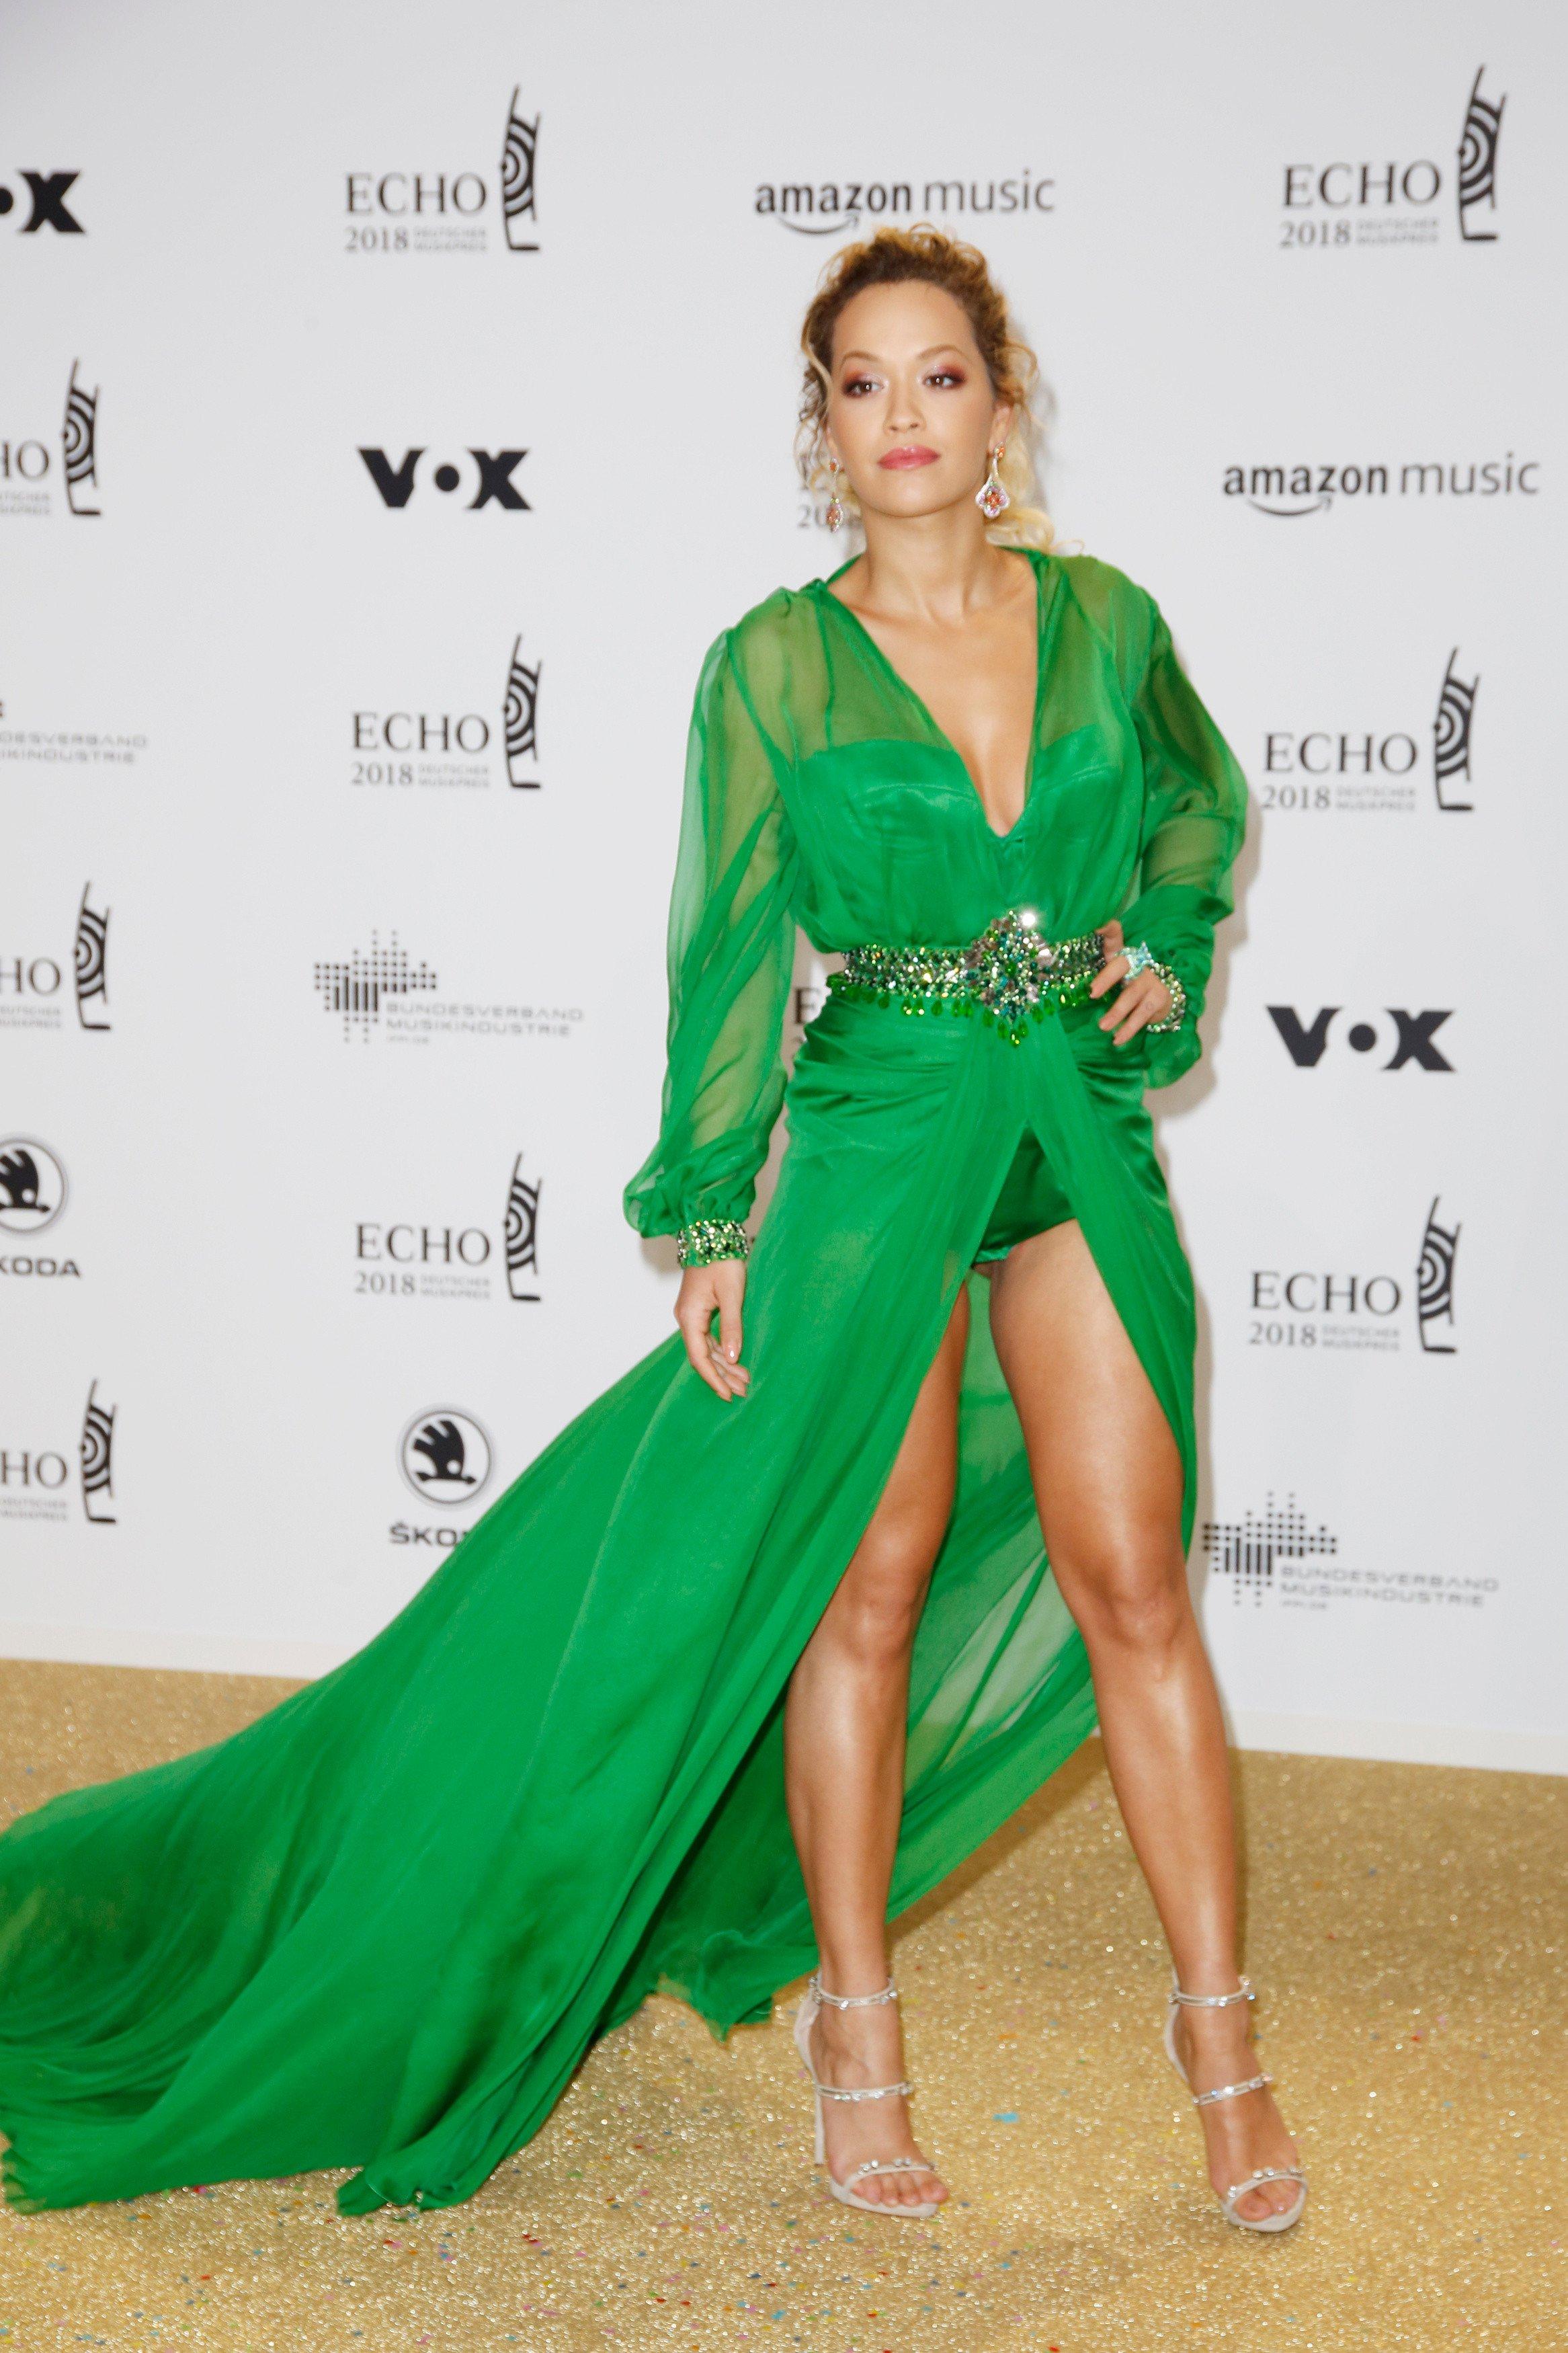 Rita Ora auf dem Roten Teppich bei der Verleihung des ECHO 2018 in Berlin.   Datum 12.04.2018, Image: 368408551, License: Rights-managed, Restrictions: , Model Release: no, Credit line: Profimedia, DDP